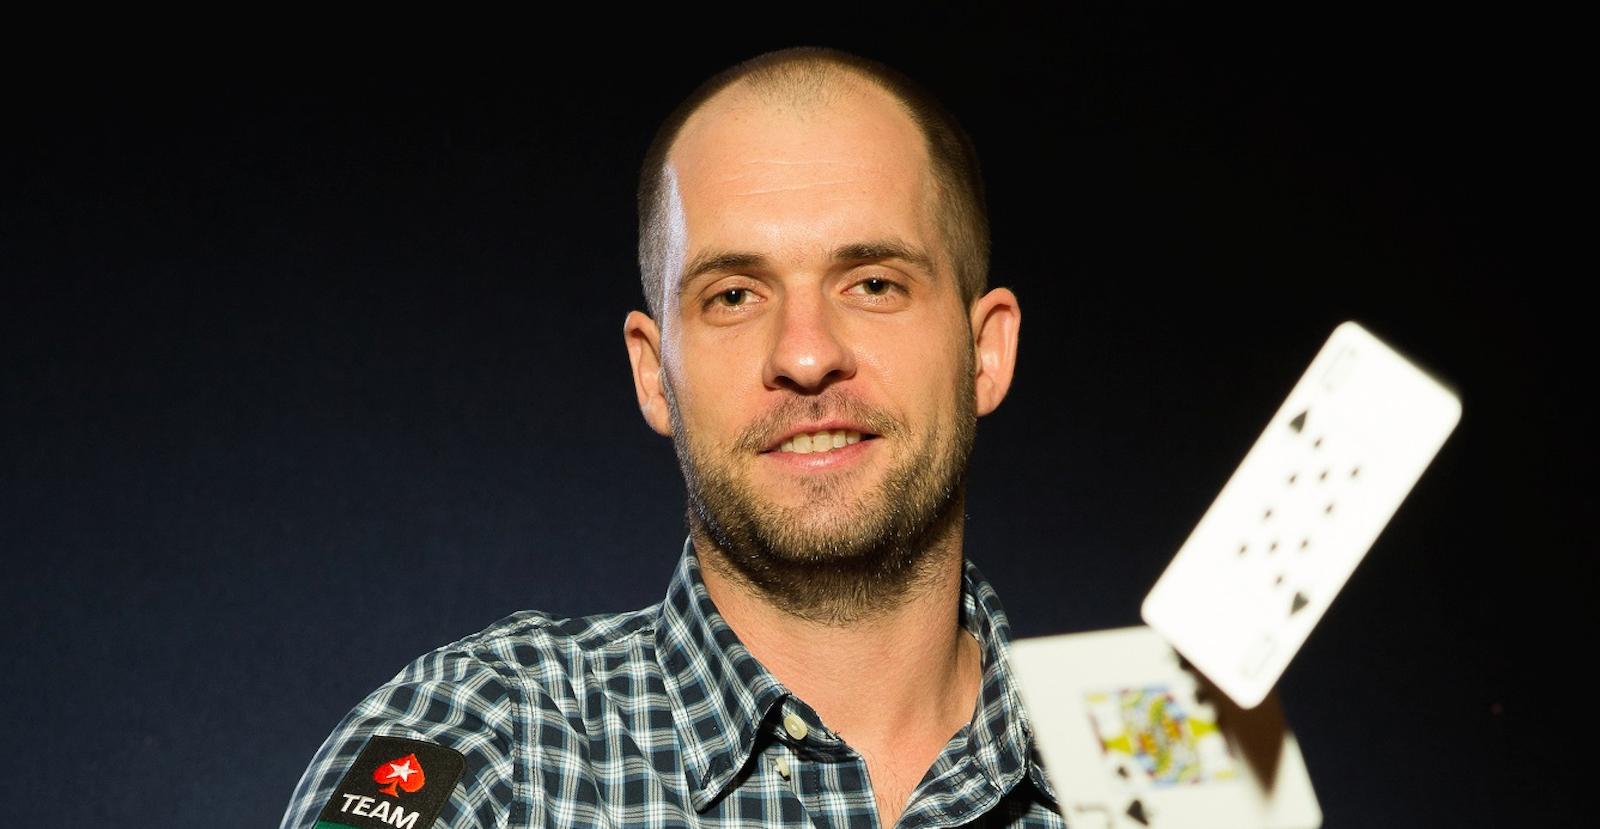 Zarobił 1 mln dol., nie płaci podatków a zimę spędza w Tajlandii – takie jest życie Grzegorza 'DaWarsaw' Mikielewicza, zawodowego gracza w pokera